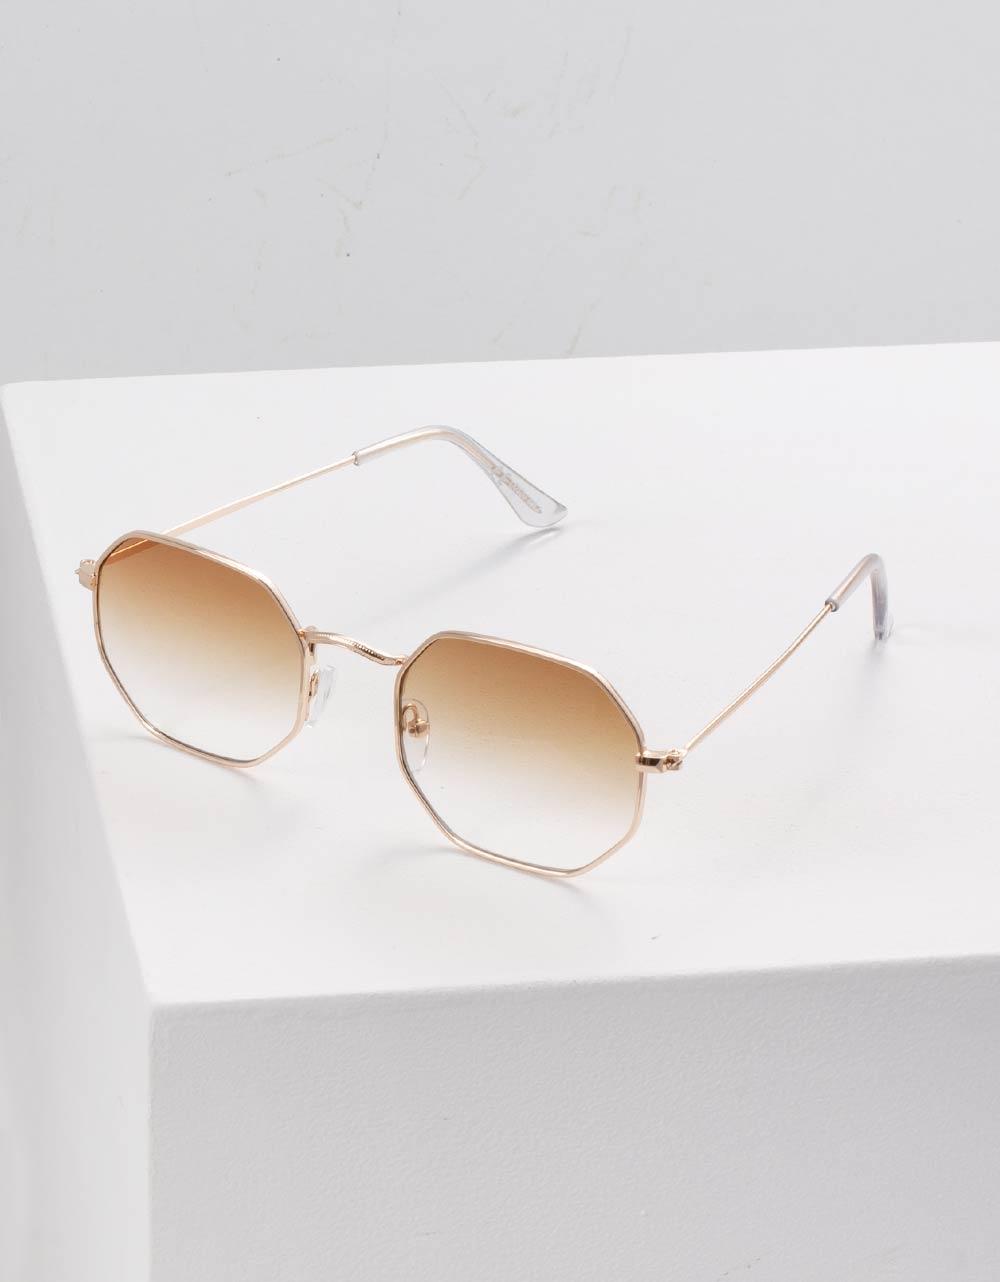 Εικόνα από Γυναικεία γυαλιά ηλίου με λεπτό σκελετό Καφέ